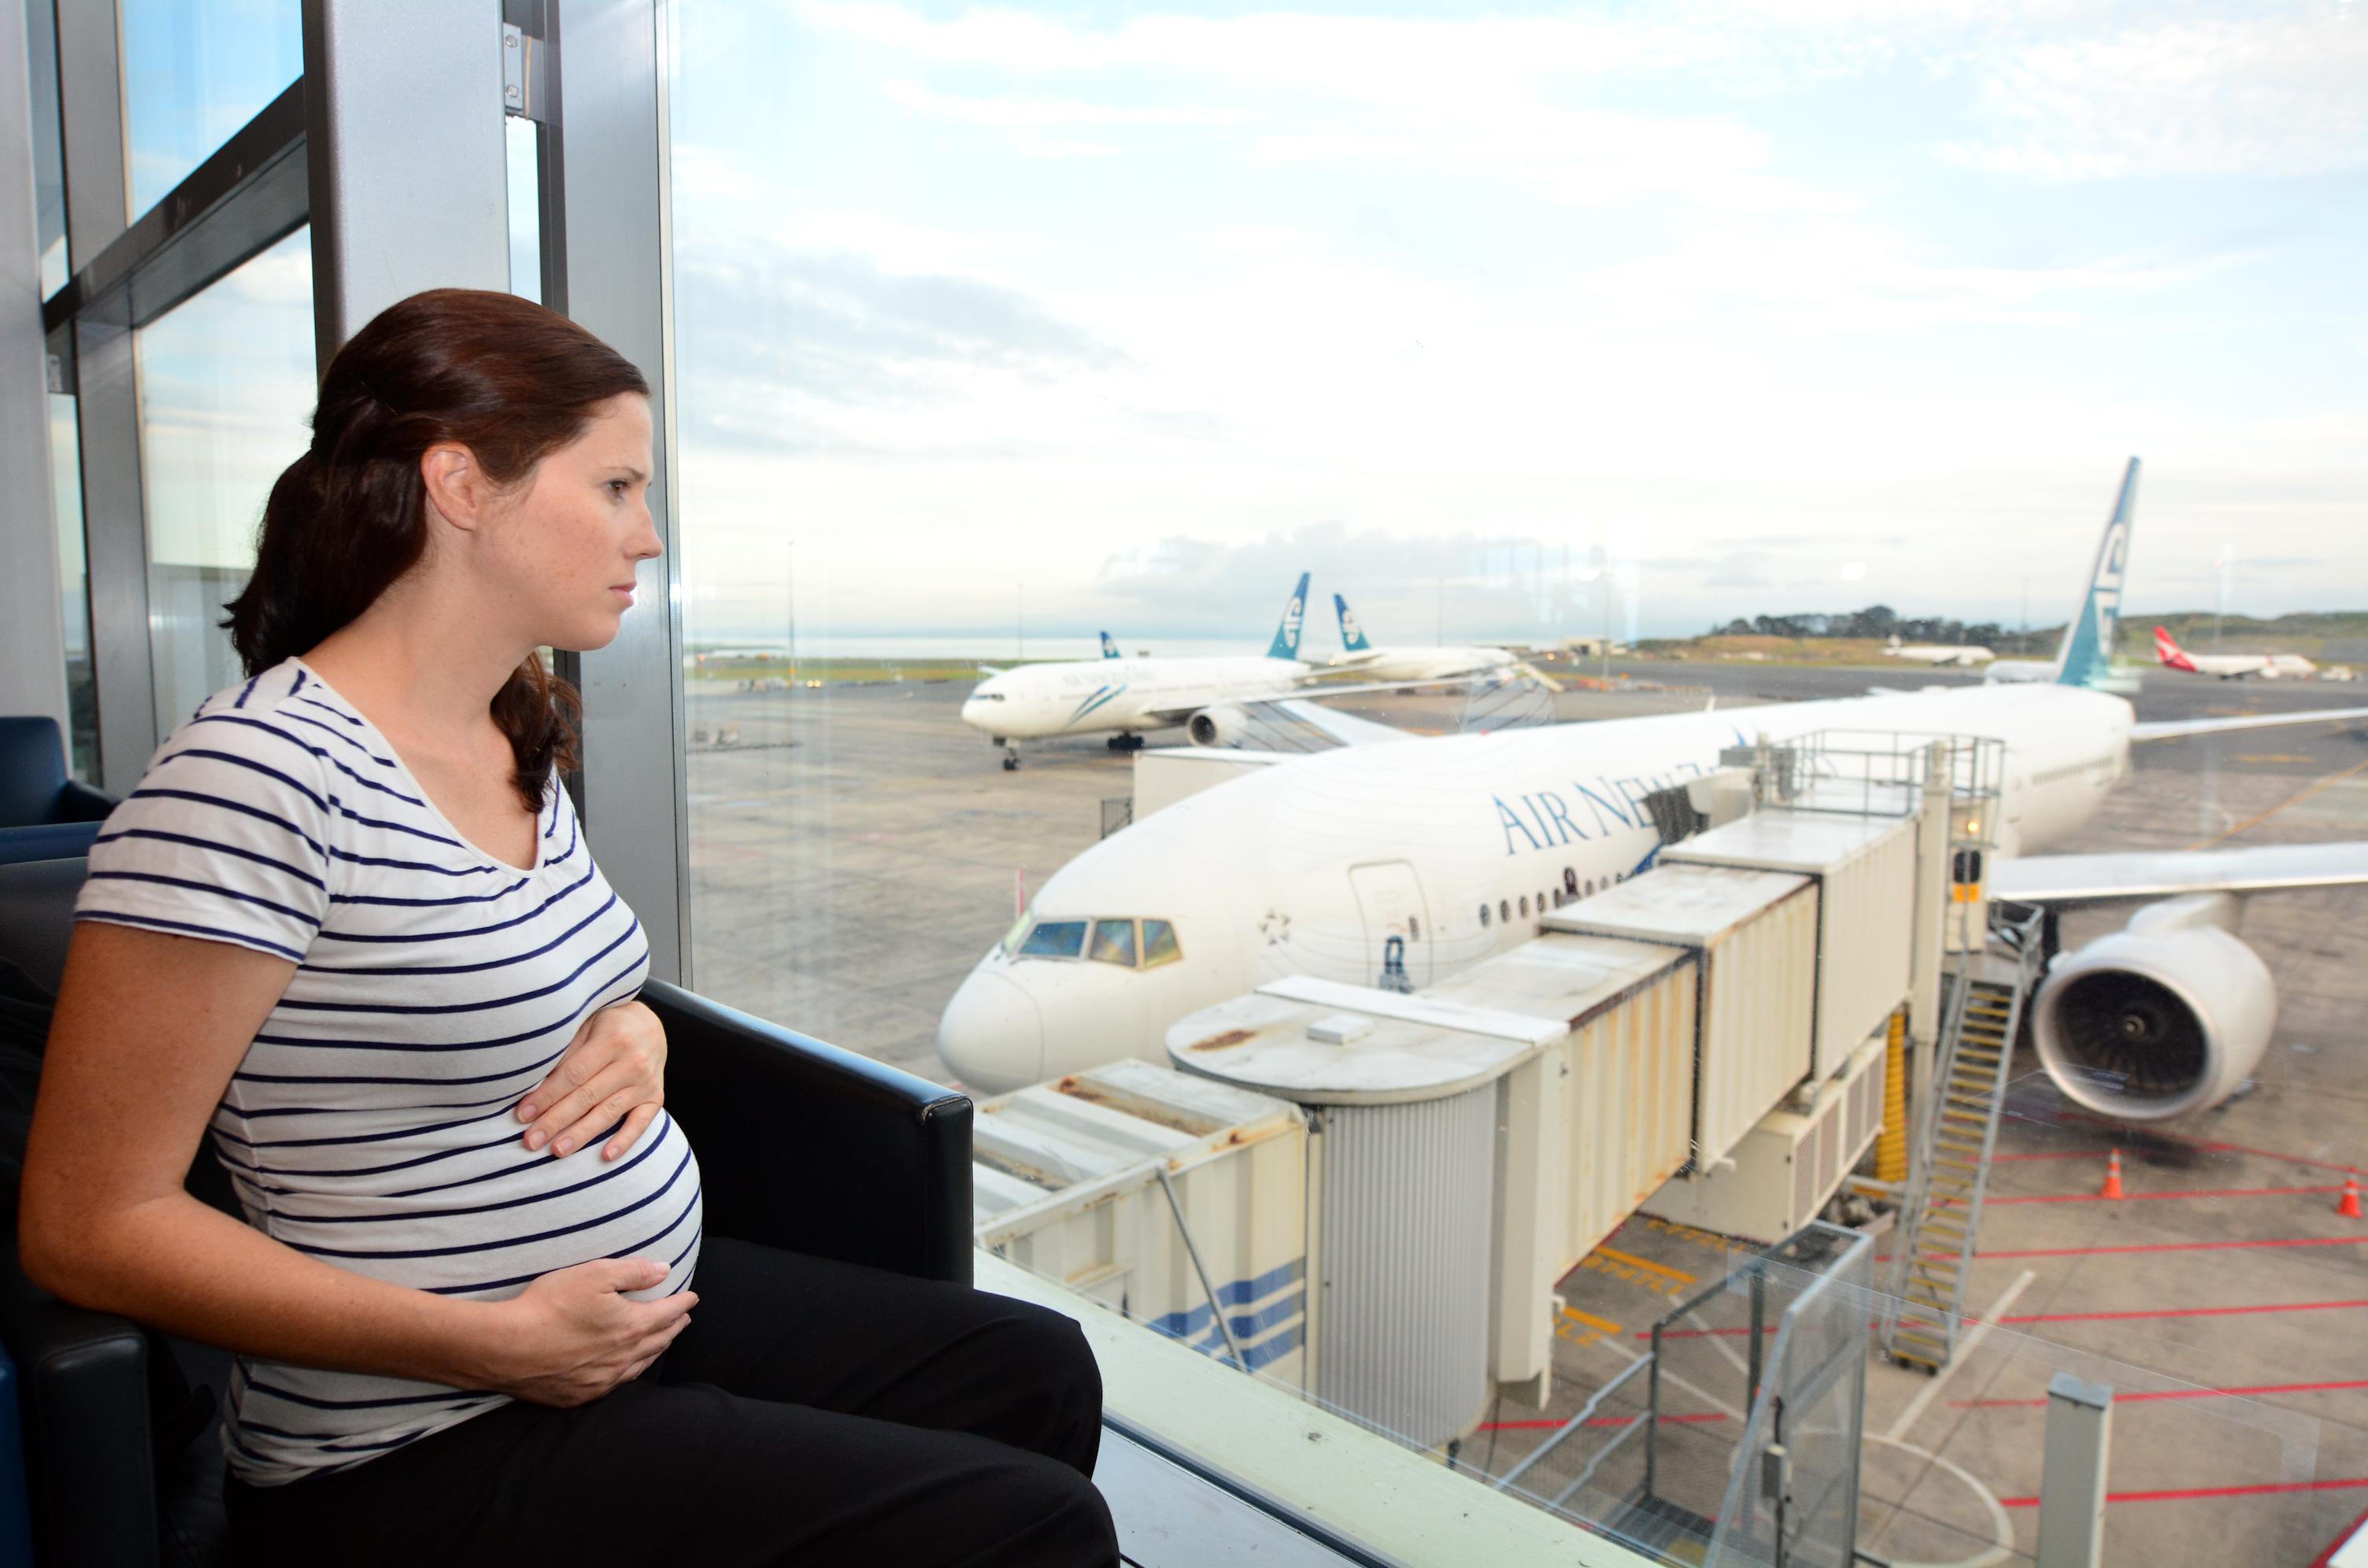 Om du är eller planerar att bli gravid bör du iaktta försiktighet och konsultera vården innan du reser till länder där det förekommer tropiska sjukdomar.